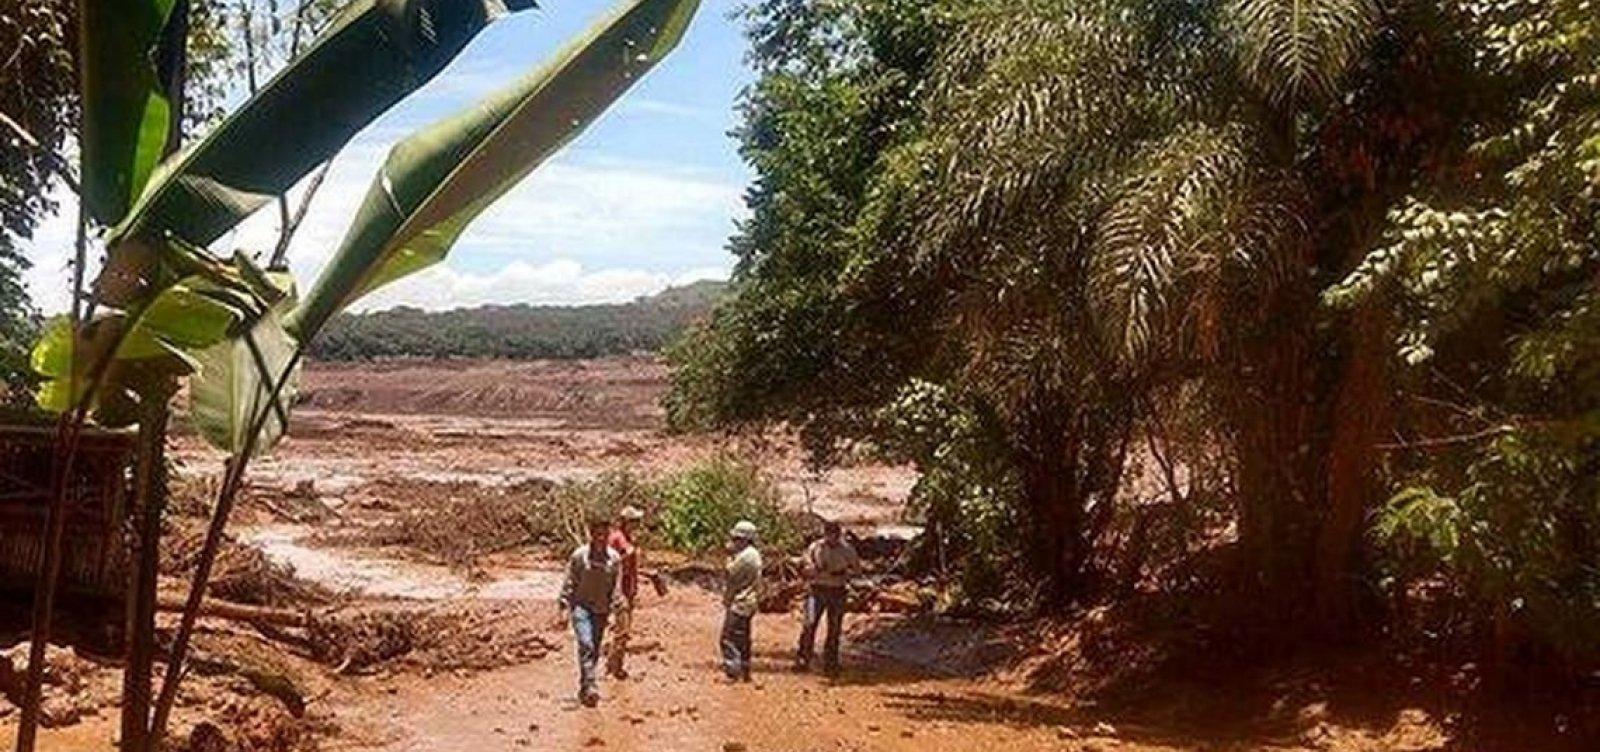 [Vale é condenada pela primeira vez por rompimento de barragem em Brumadinho]